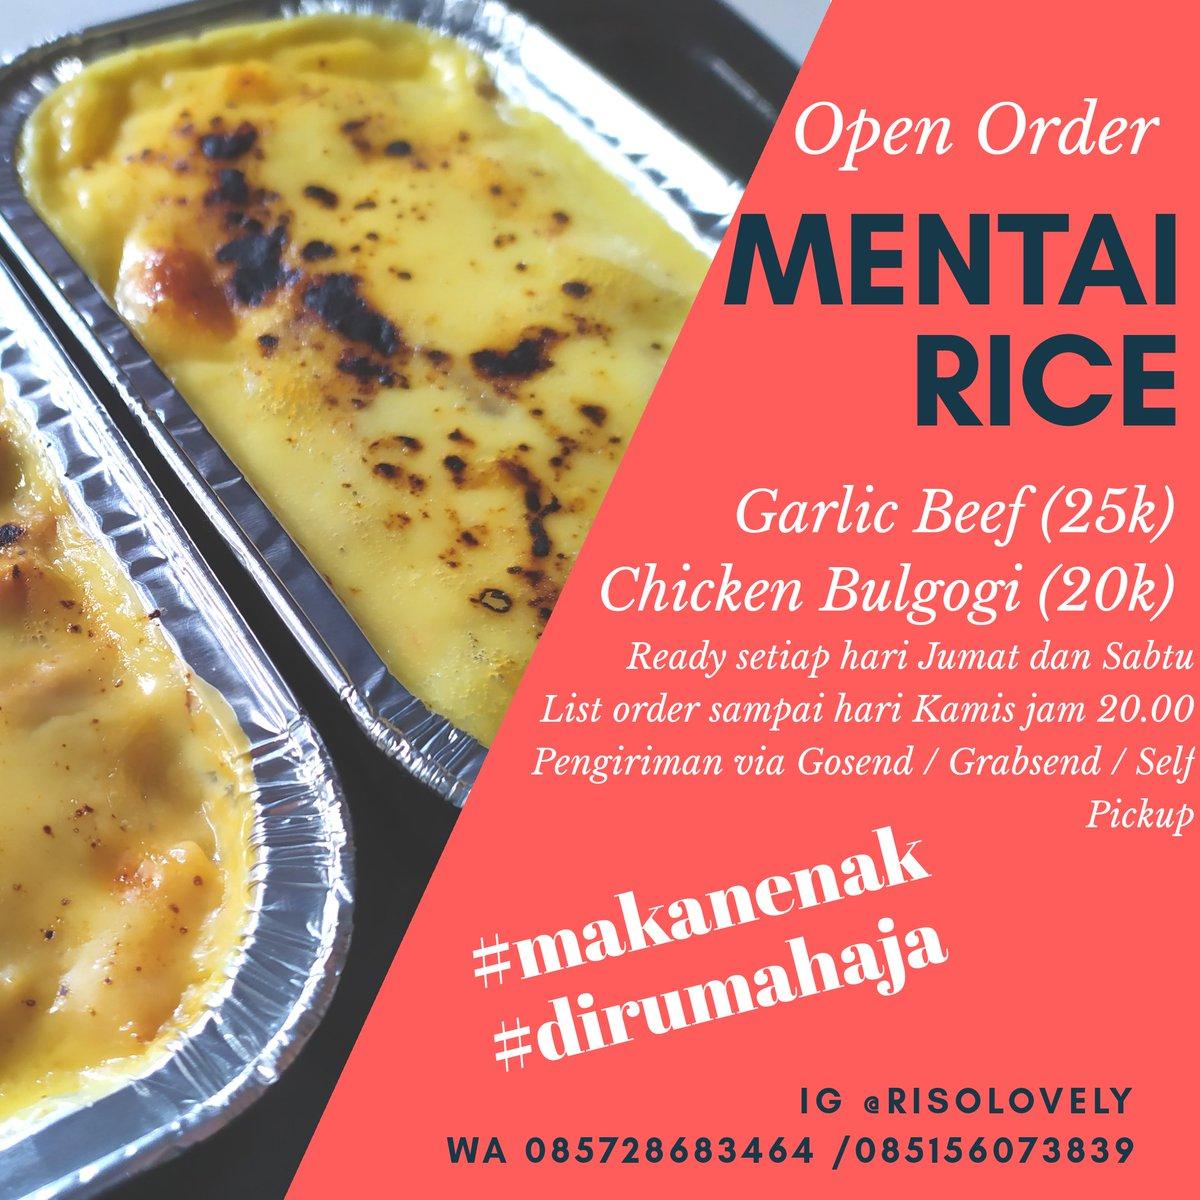 Halo fwrenss PO Mentai Rice dibuka lagi yaaa Sekarang readynya hari Jumat dan Sabtu hehe yang mau #makanenak #dirumahaja cus diorder yak  (pengiriman dari Bejen, Karanganyar)  @karanganyarku @Bumi_Intanpari @kulinersolorayapic.twitter.com/jjxm4lNd6f